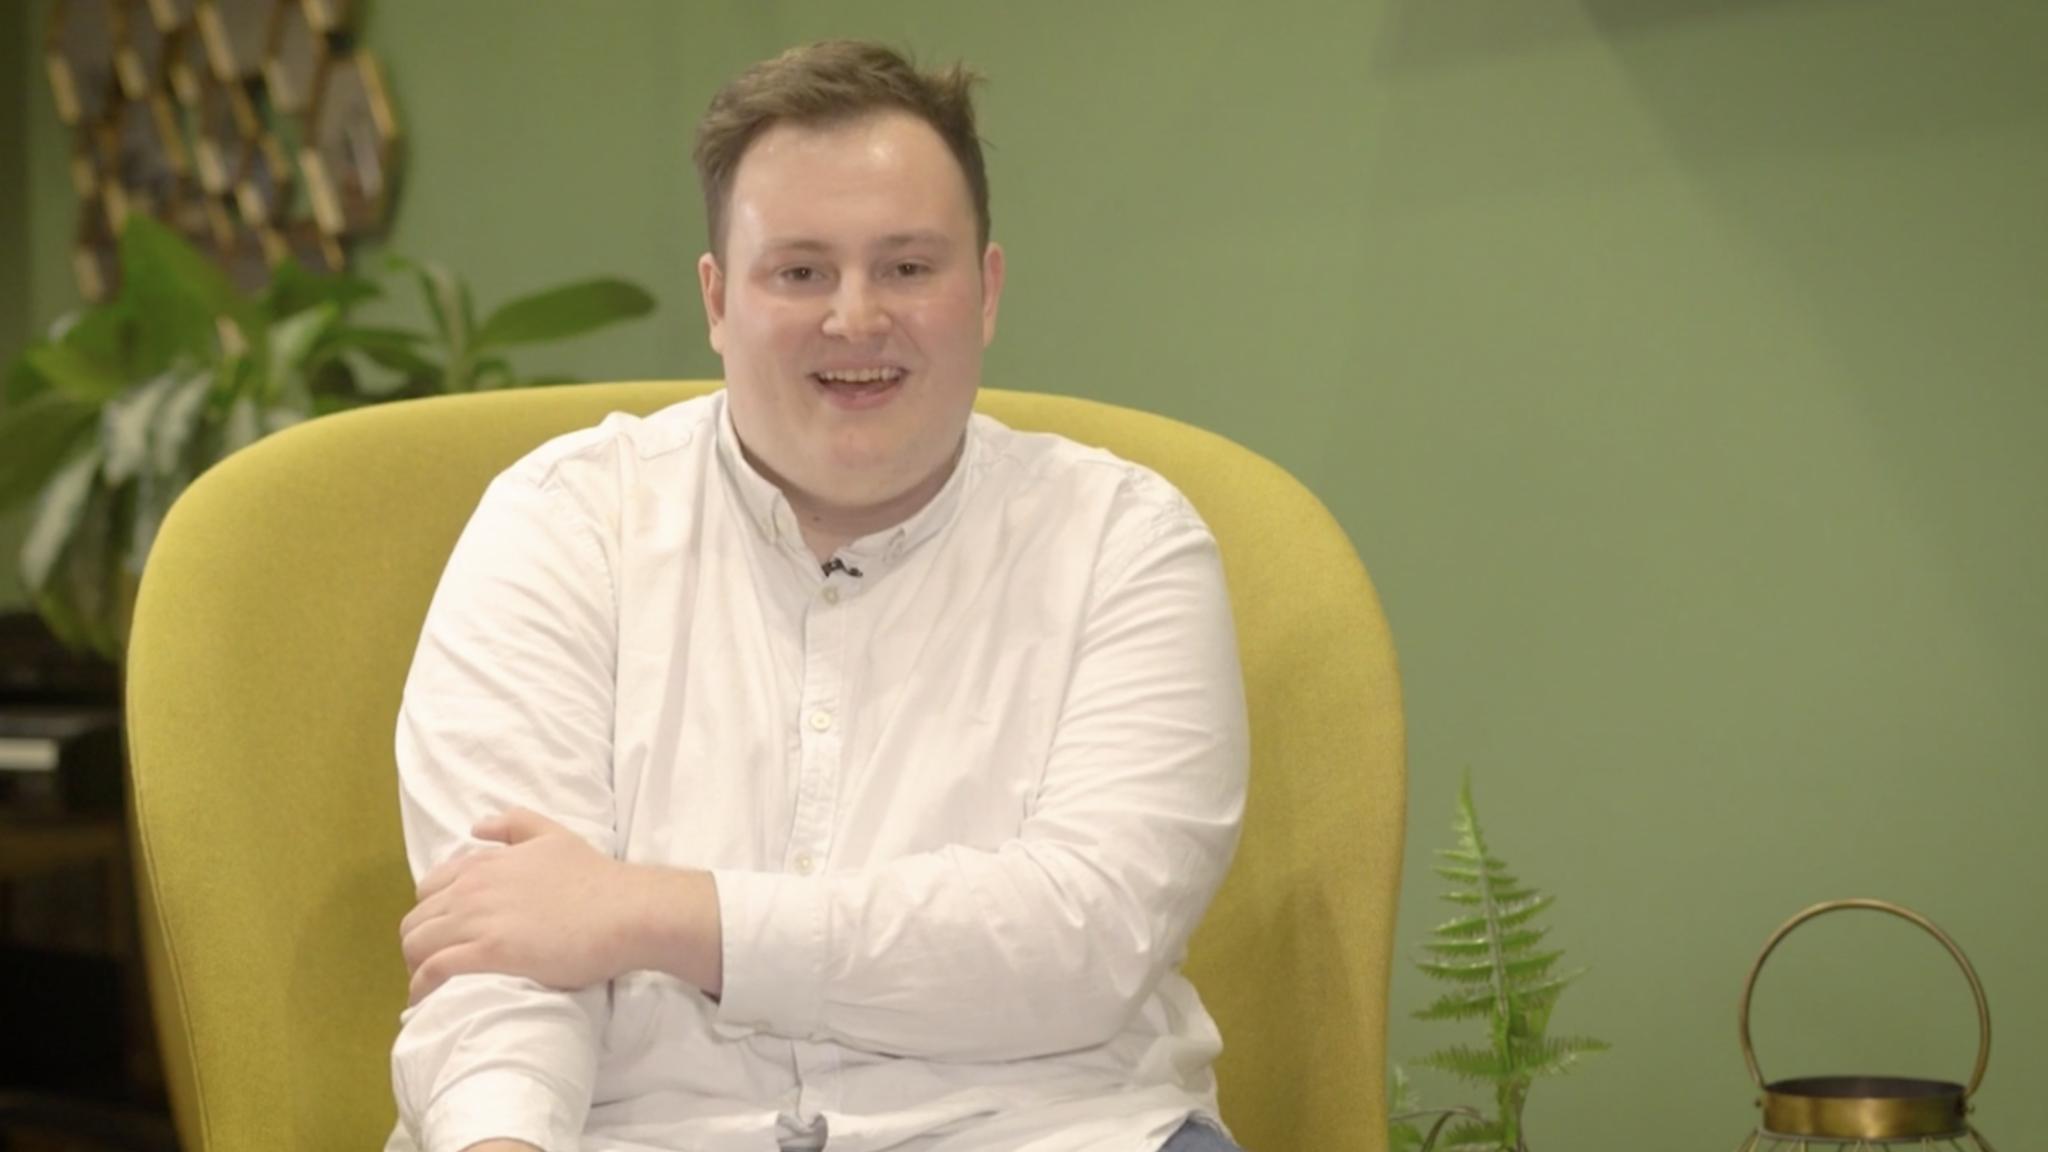 Thomas over deelname Big Brother: 'Werd elke dag gelukkiger' - RTL Nieuws